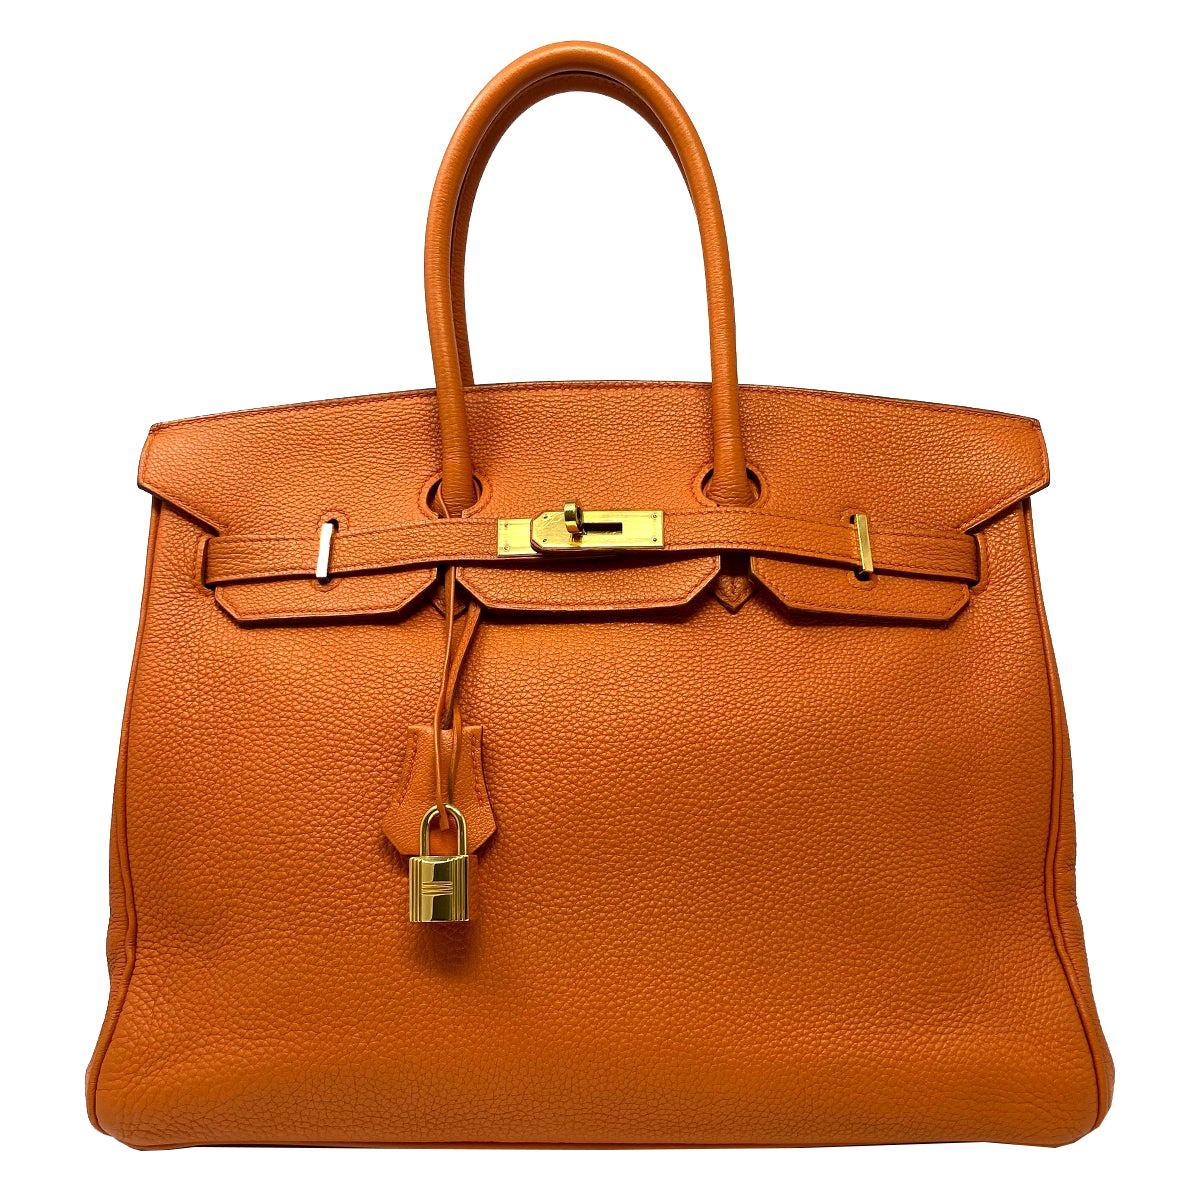 Hermes Birkin 35 Bag Togo Orange Leather GHW Top Handle Handbag